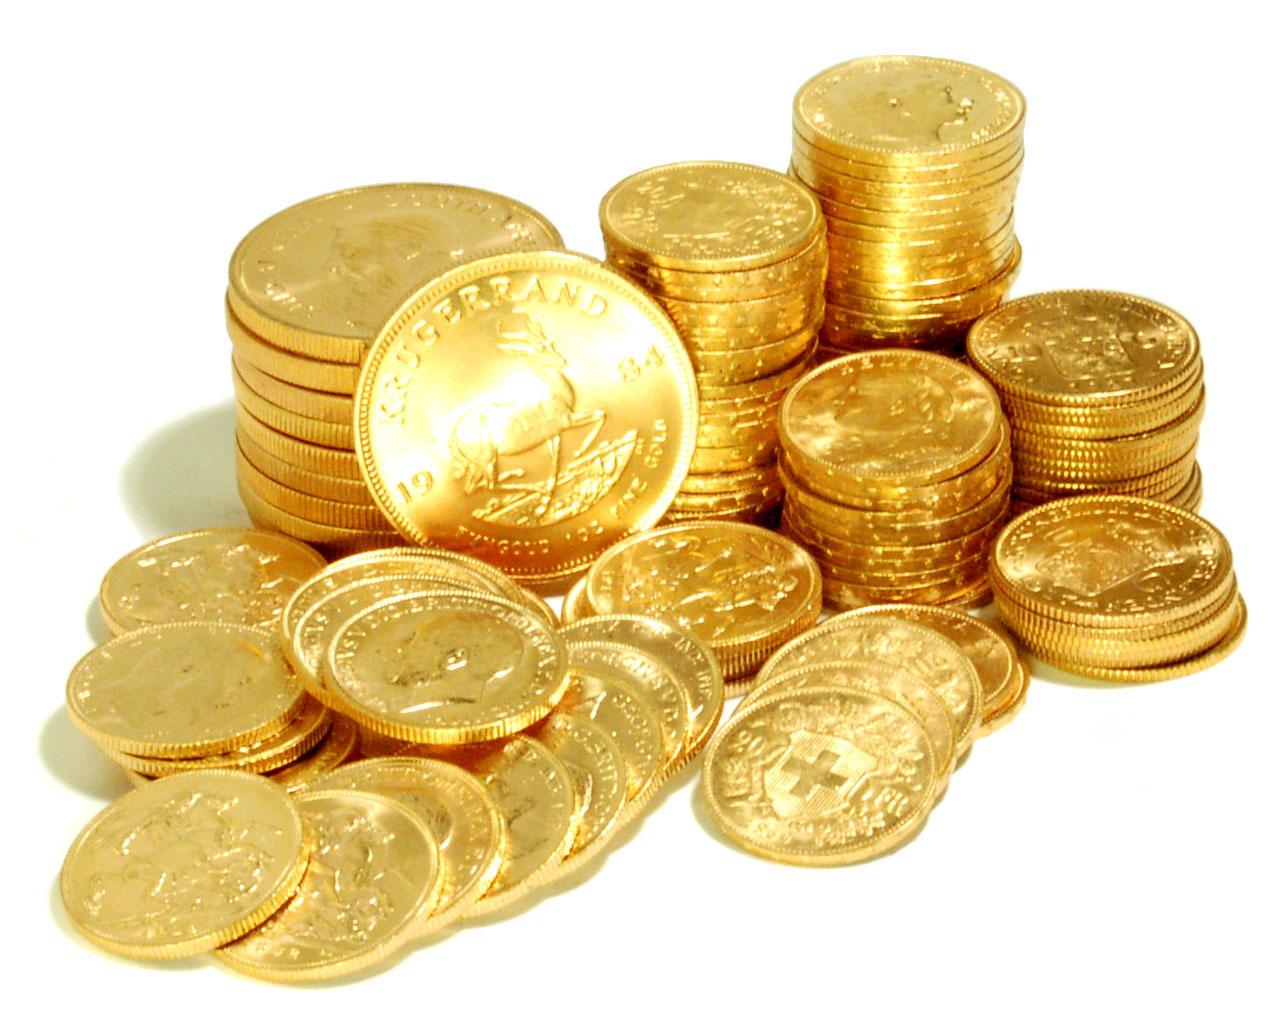 قیمت سکه و طلا امروز در استان